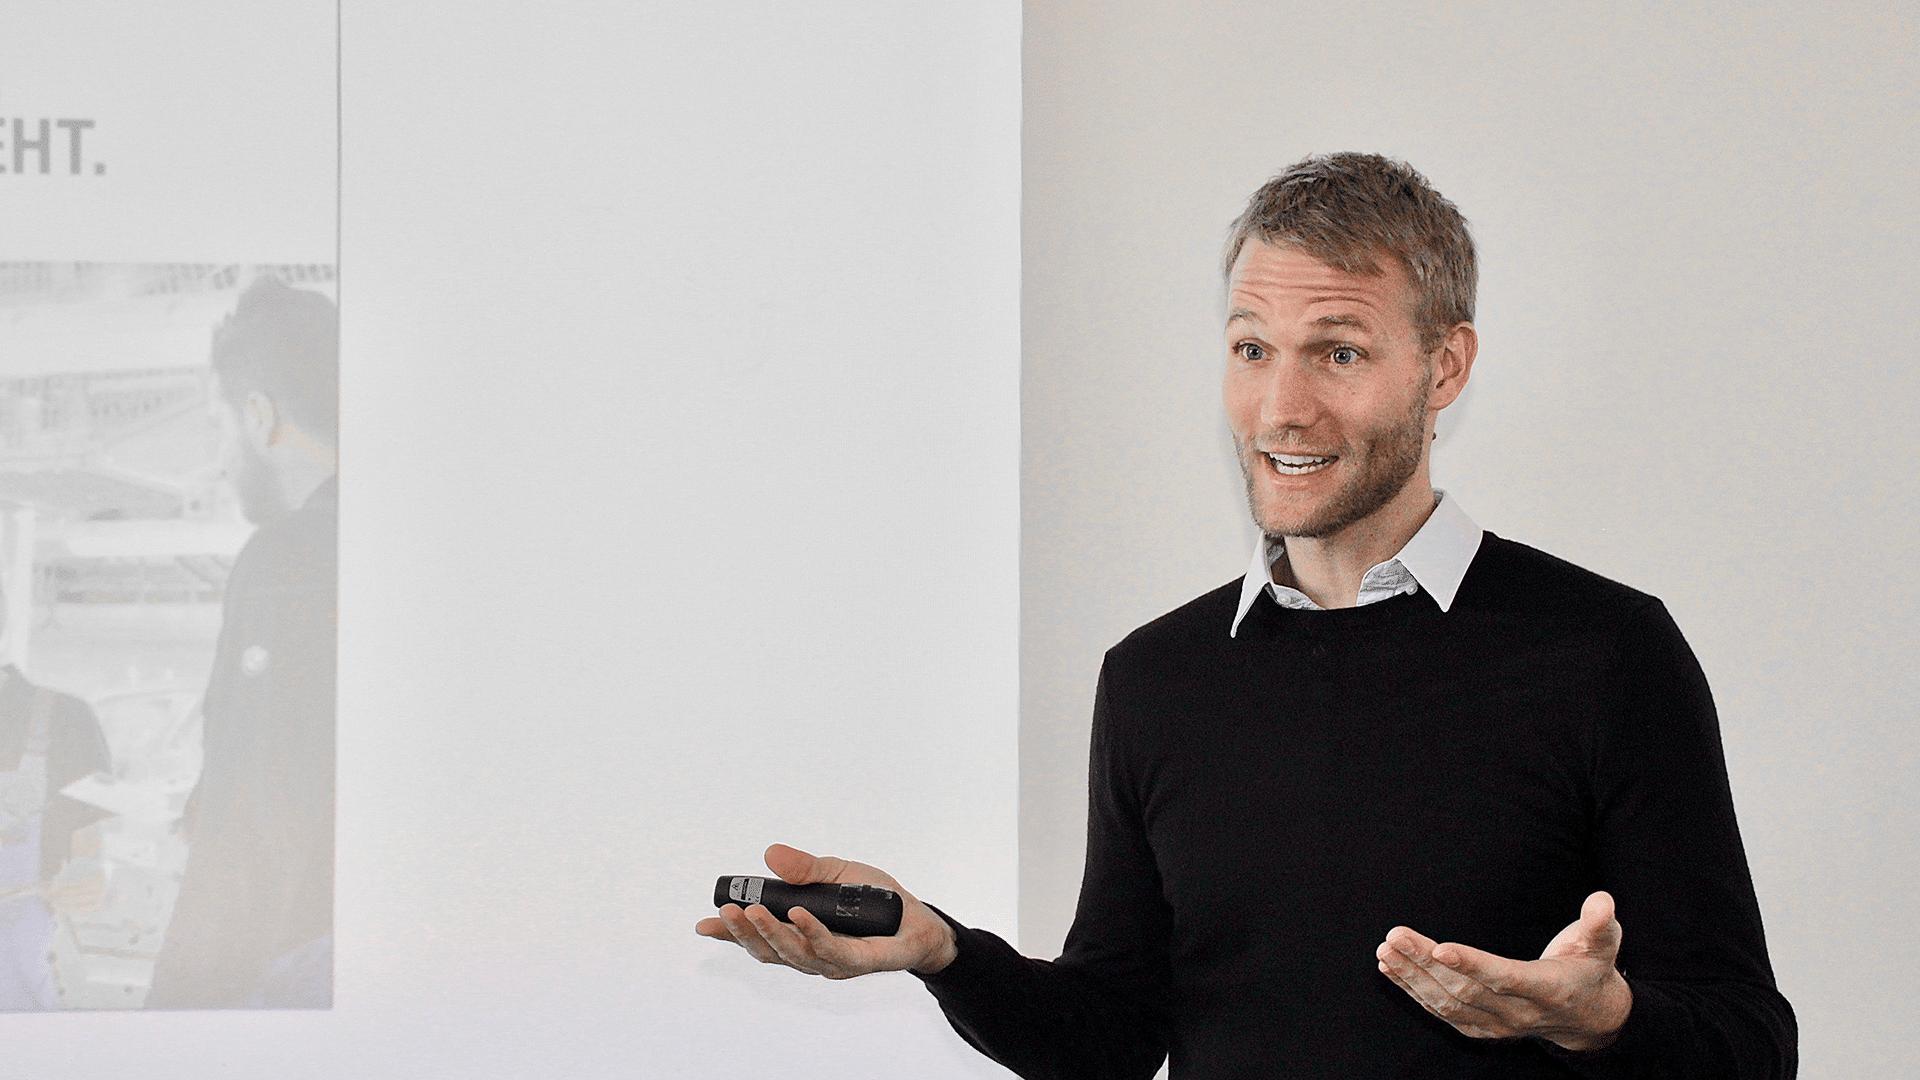 Dr. Utz Niklas Walter hält einen Vortrag und gestikuliert